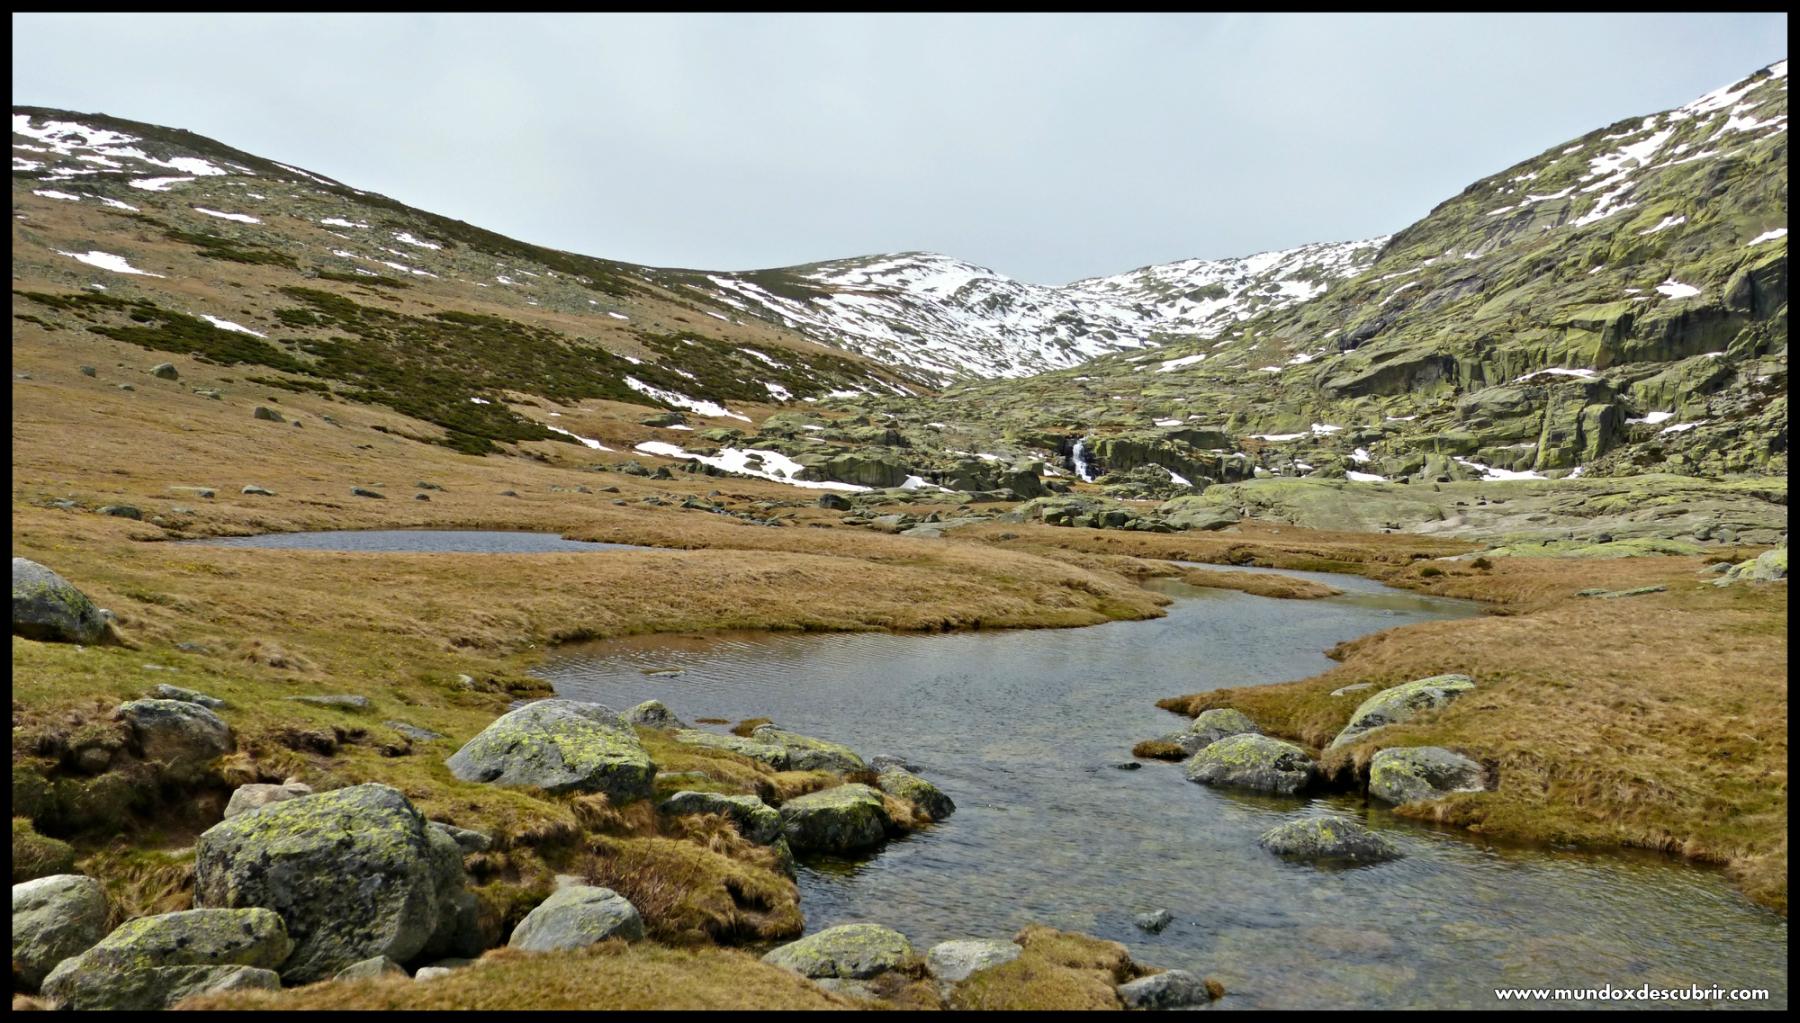 Prado de pozas de la sierra de gredos mundoxdescubrir for Piscinas naturales sierra de gredos